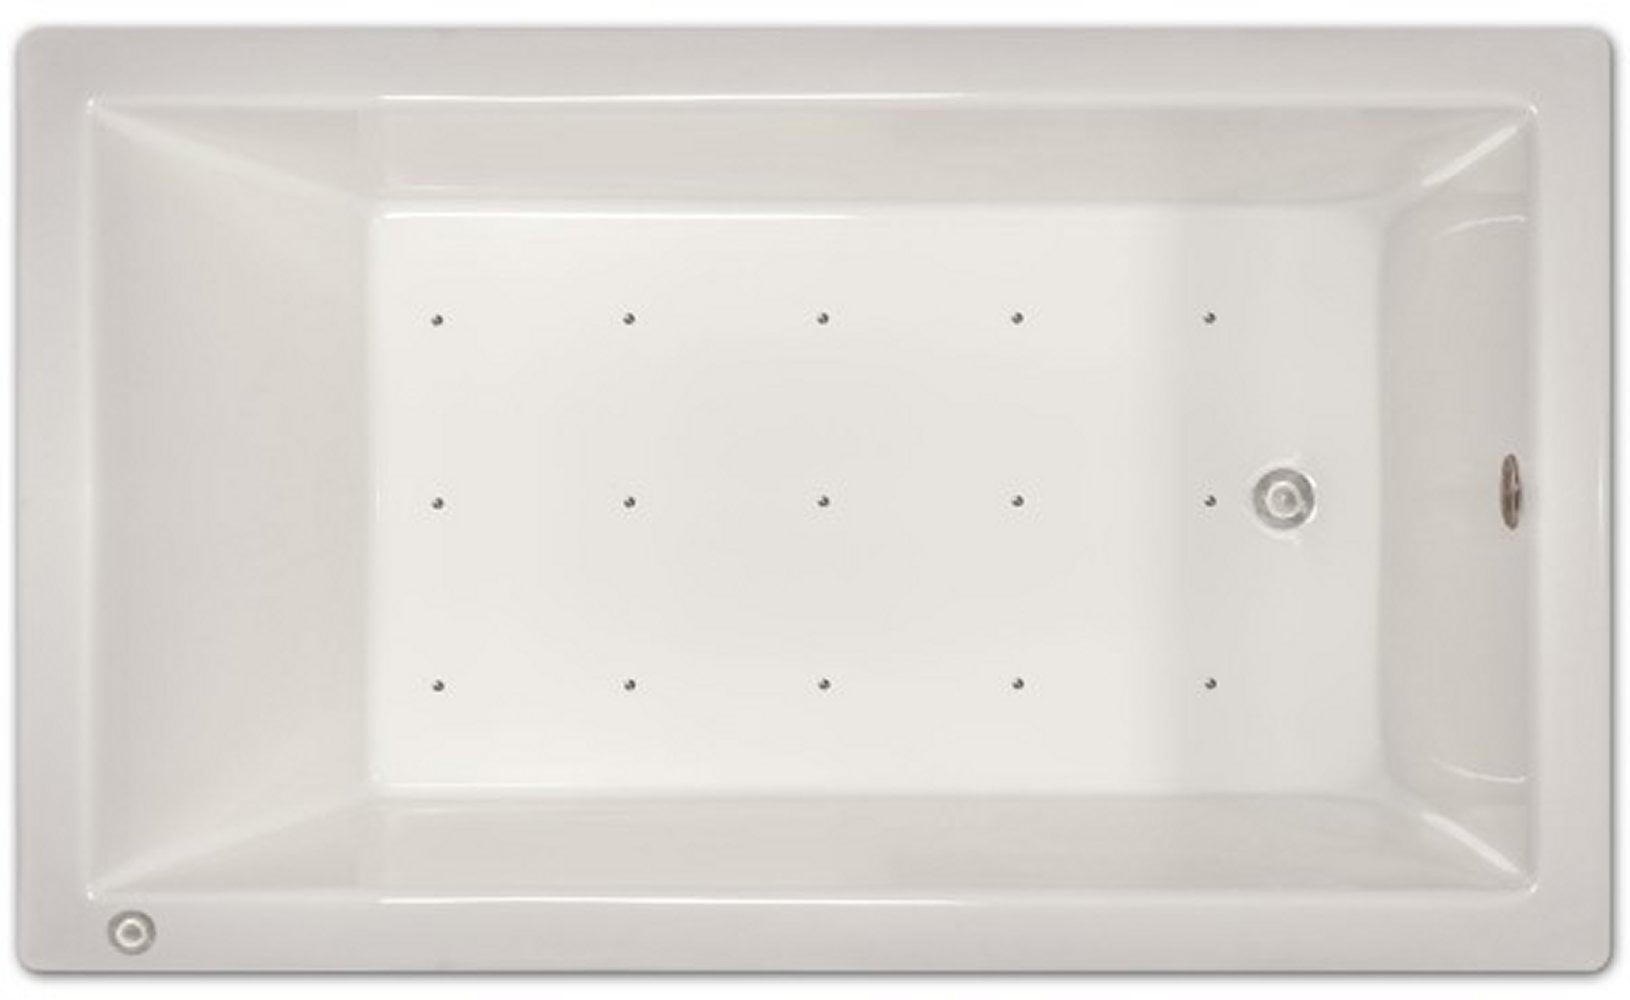 Drop-in Bathtub / 72x42x18 / high gloss white acrylic / Rectangle / LPI228-A-LD Pinnacle Bath - Air Bath 0